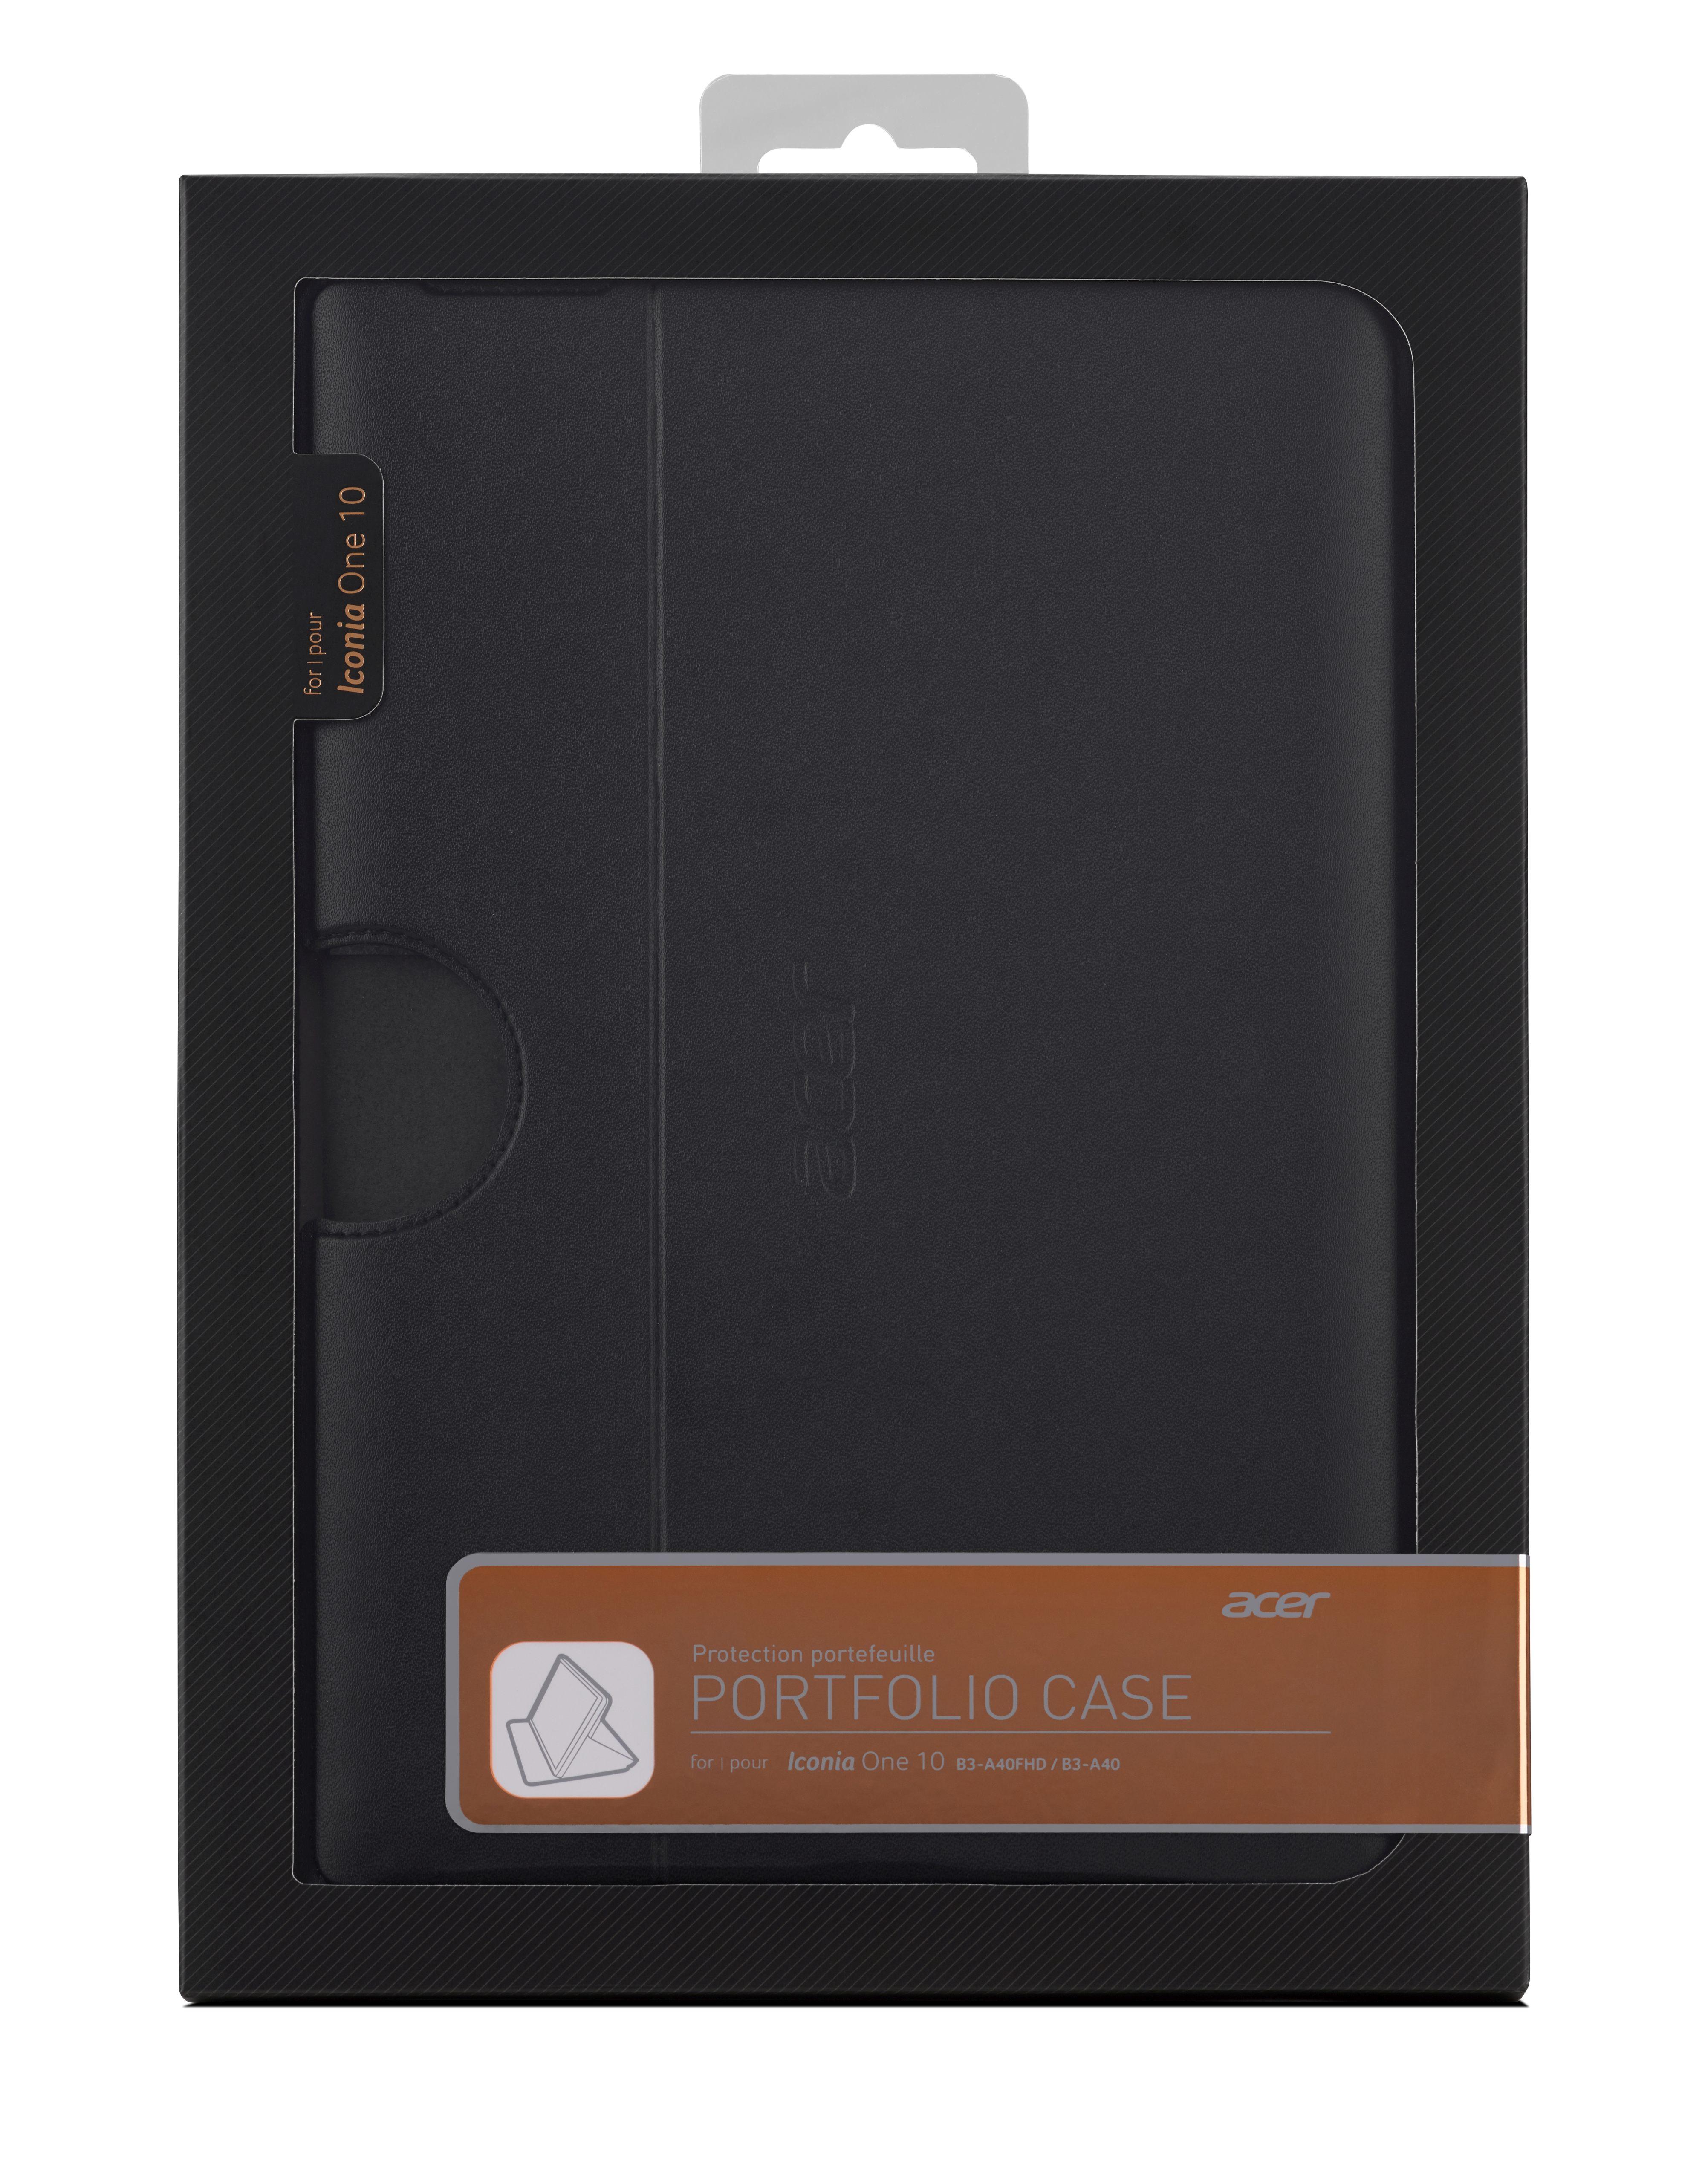 Acer PORTFOLIO CASE obal na Iconia One 10 (B3-A40) černý